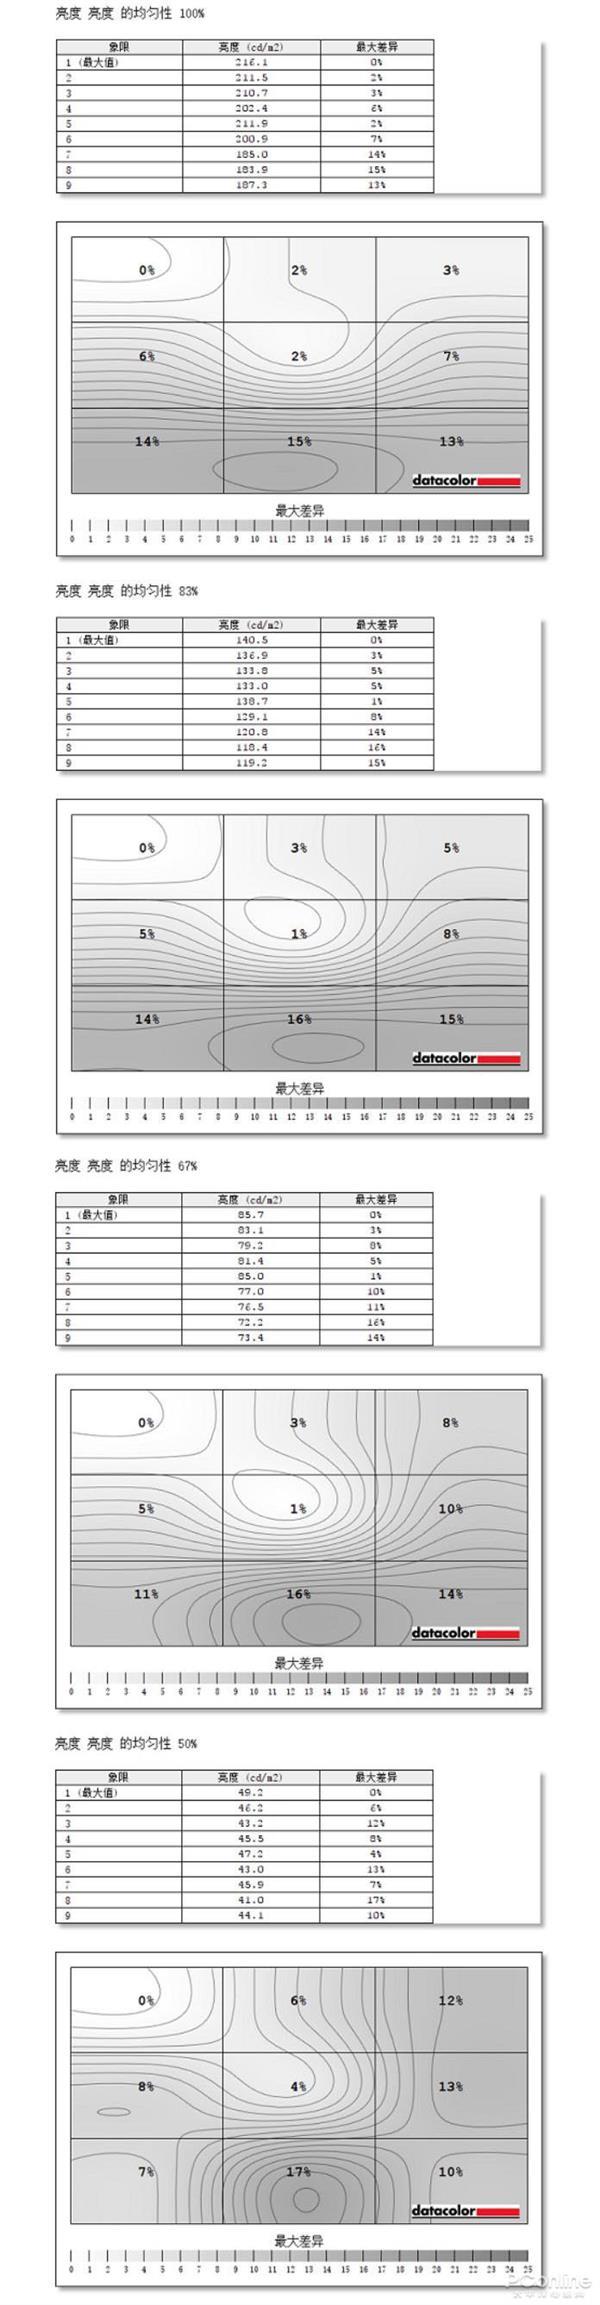 三星UR59C上手:全球首款31.5英寸4K曲面 更舒適生產力工具